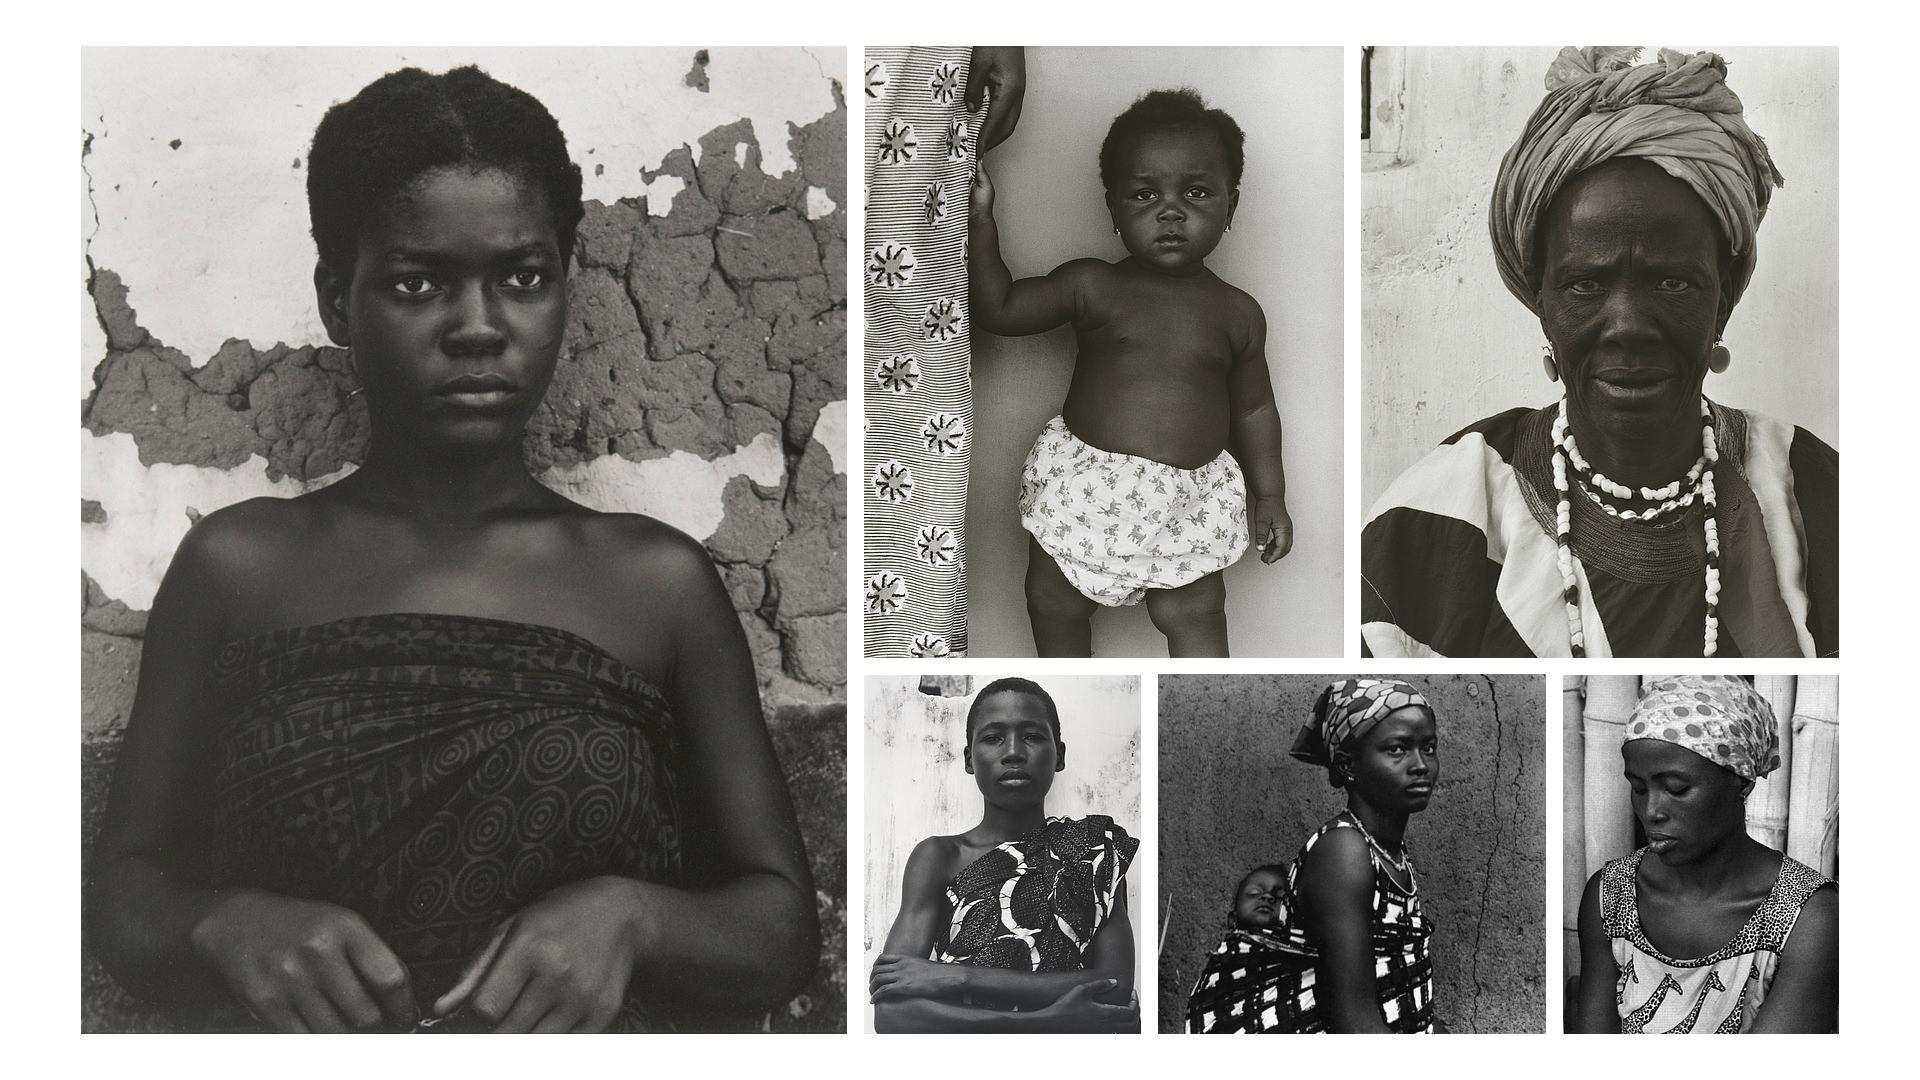 Paul Strand - Ghana - Historia de la Fotografía - José Álvarez Fotografía